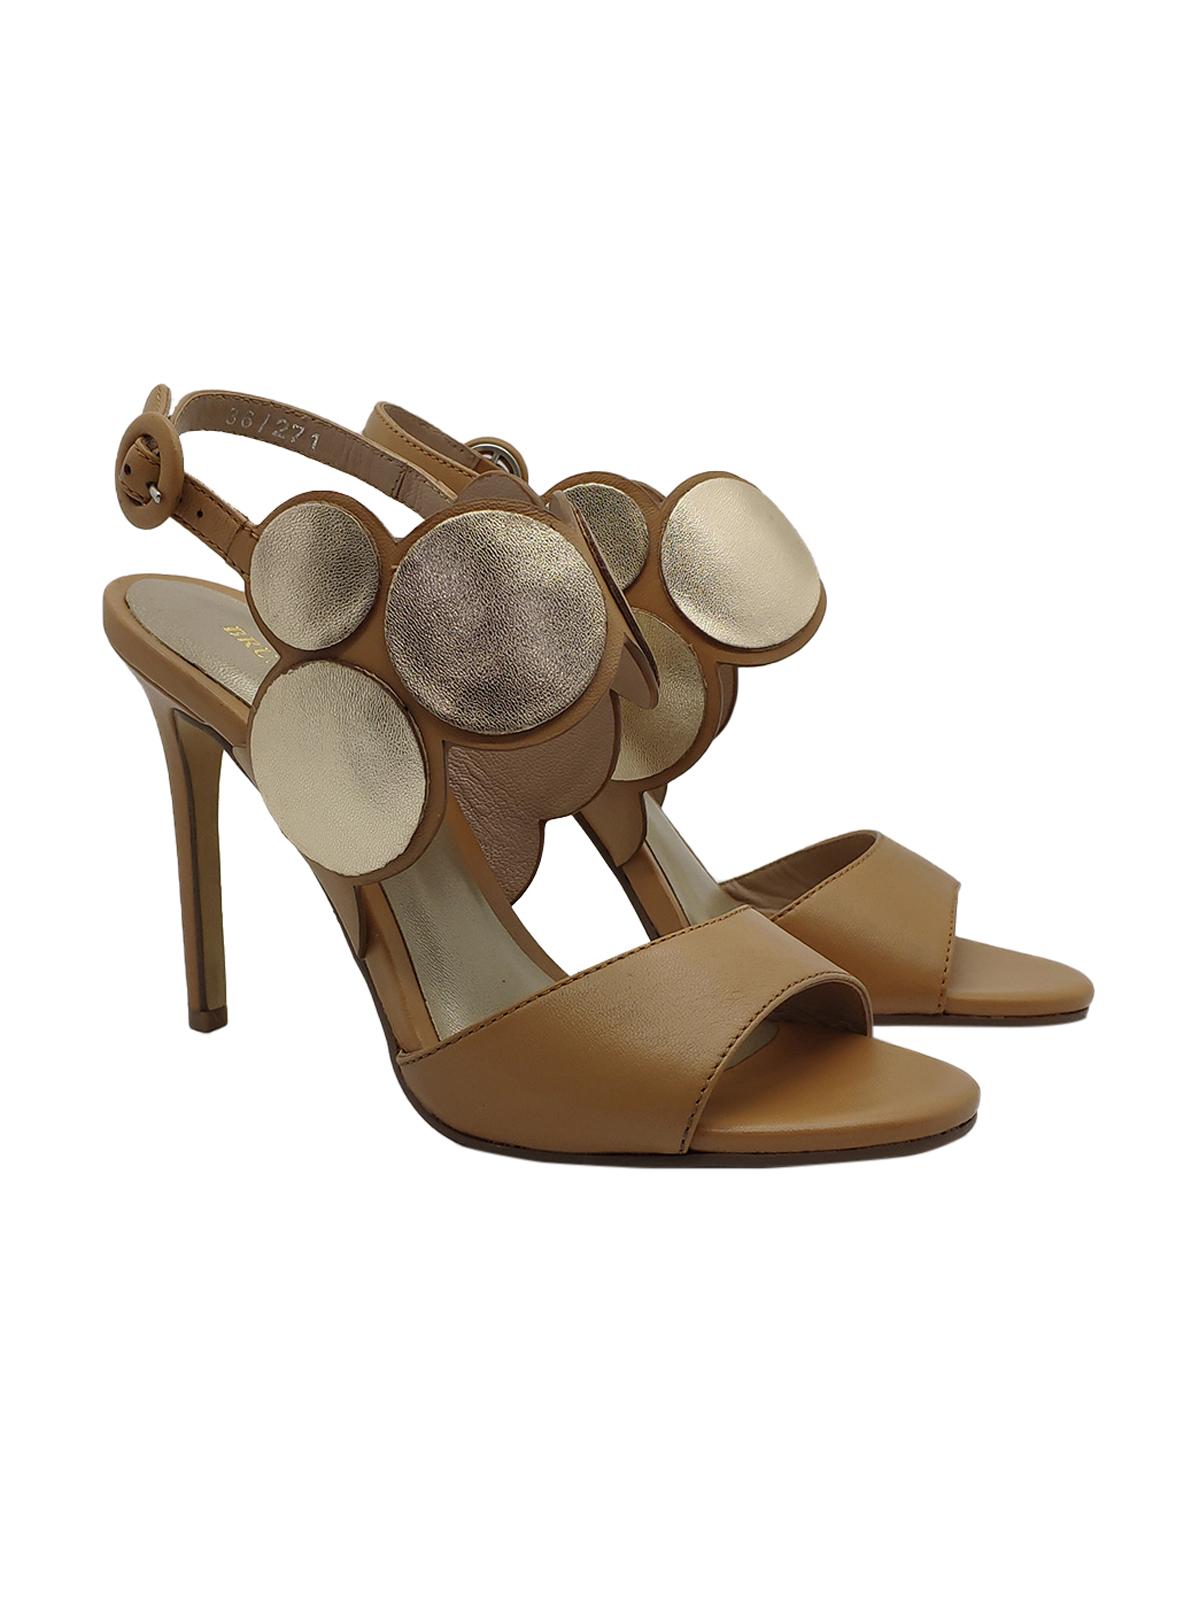 Calzature Donna Sandali in Pelle Cuoio con Accessori in Pelle Laminata e Tacco Alto Bruno Premi | Sandali | BZ4201XCUOIO